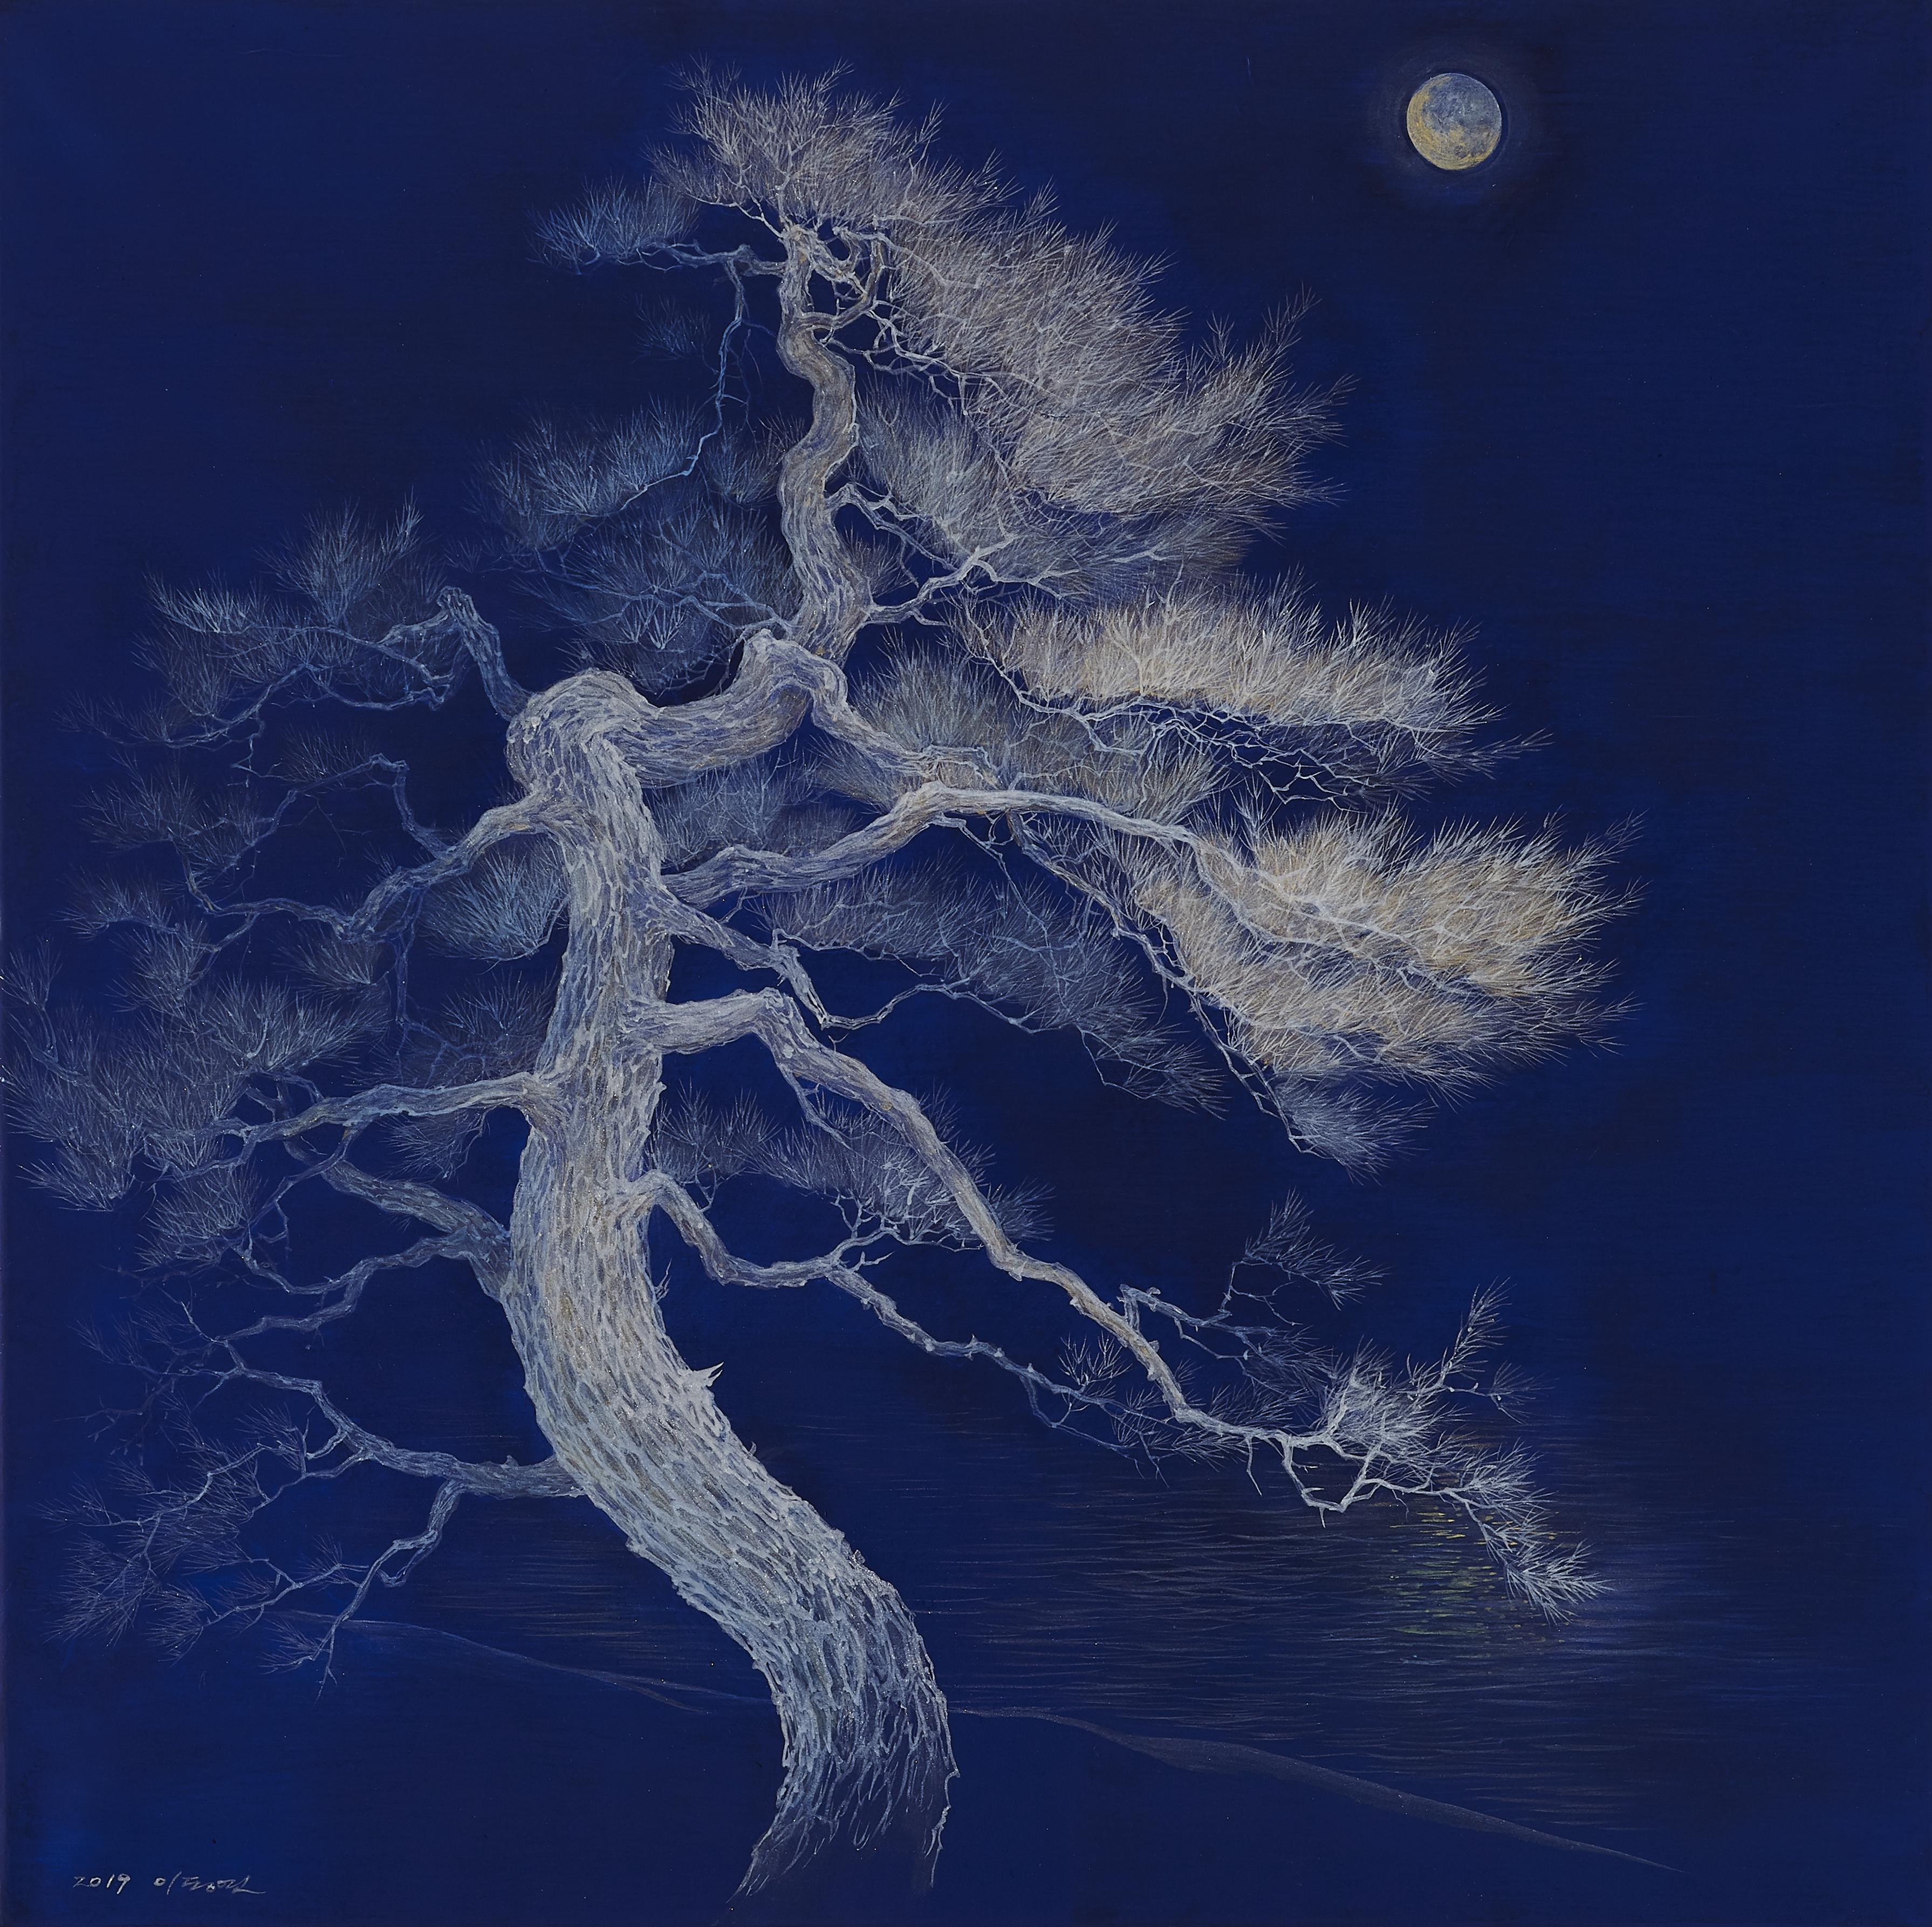 이동연_월광(月光).60x60cm.한지,채색,금분,은분